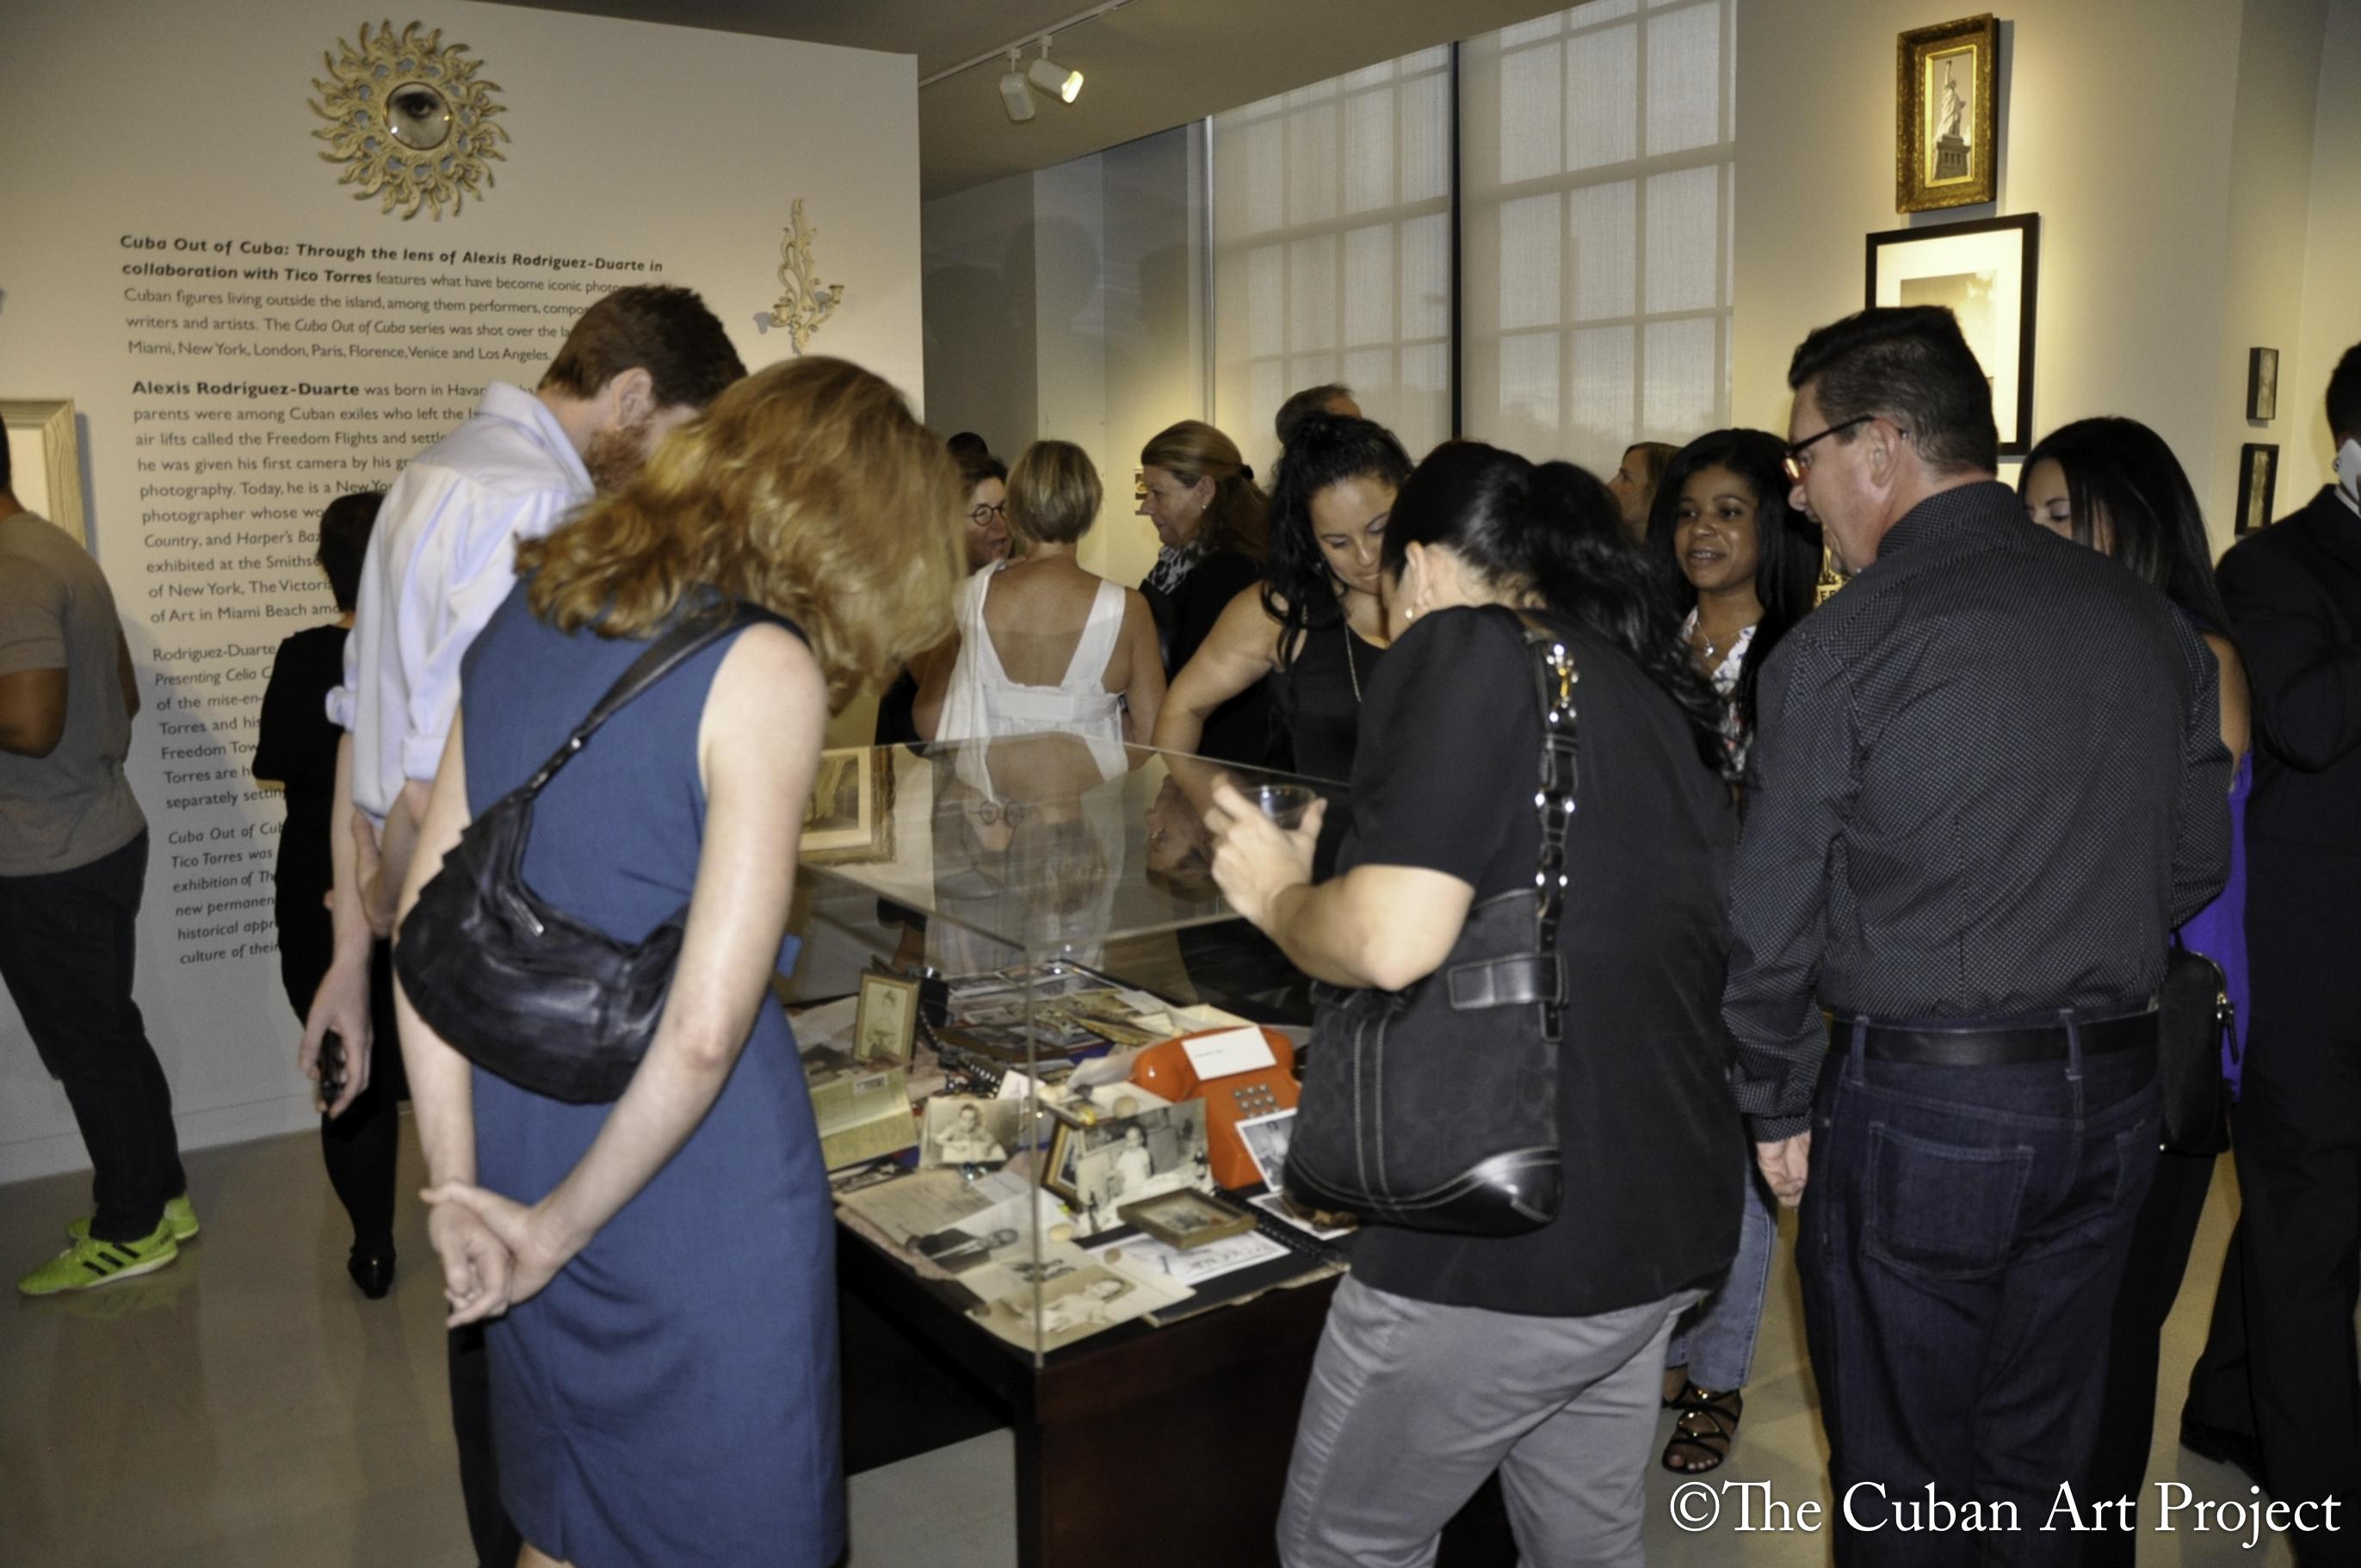 Exposición Shen Wei – In Black, White and Gray será inaugurado durante la semana de Art Basel Miami con presentaciones en estreno mundial de Week Shen Wei Dance Arts